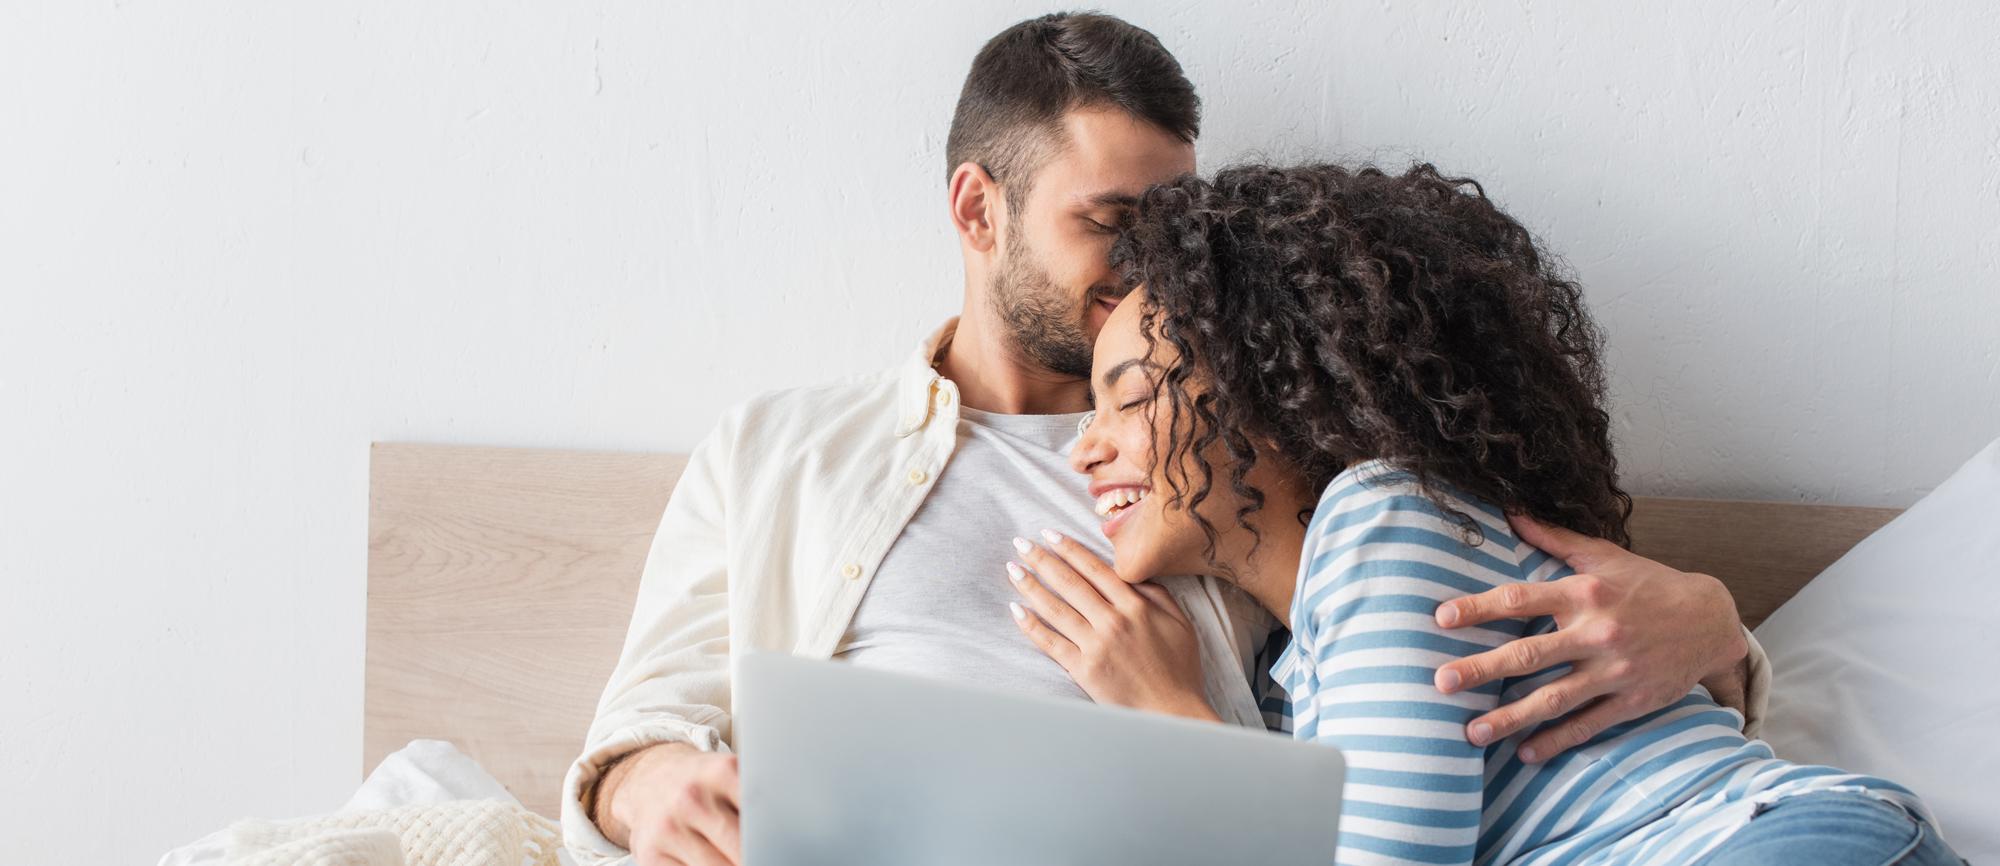 Conheça a tendência de apartamentos para alugar sem fiador e de forma digital